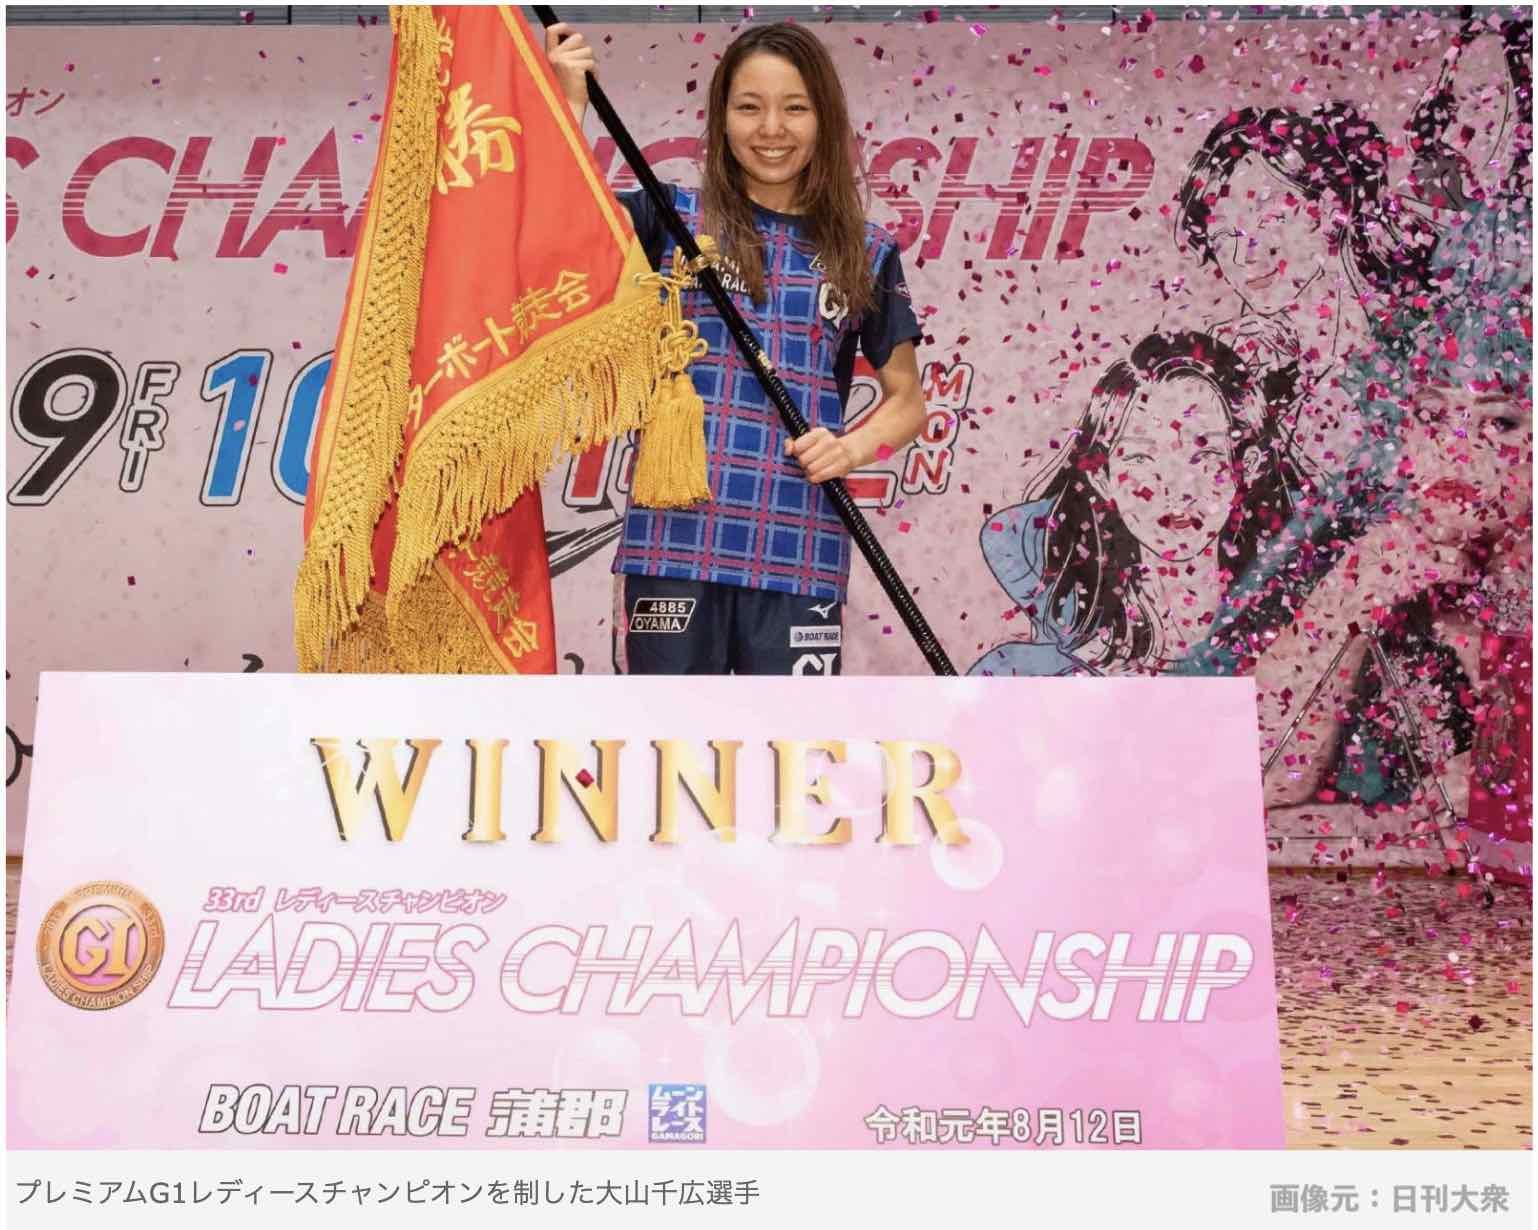 競艇ボートレーサー大山千広がレディースチャンピオンでの優勝